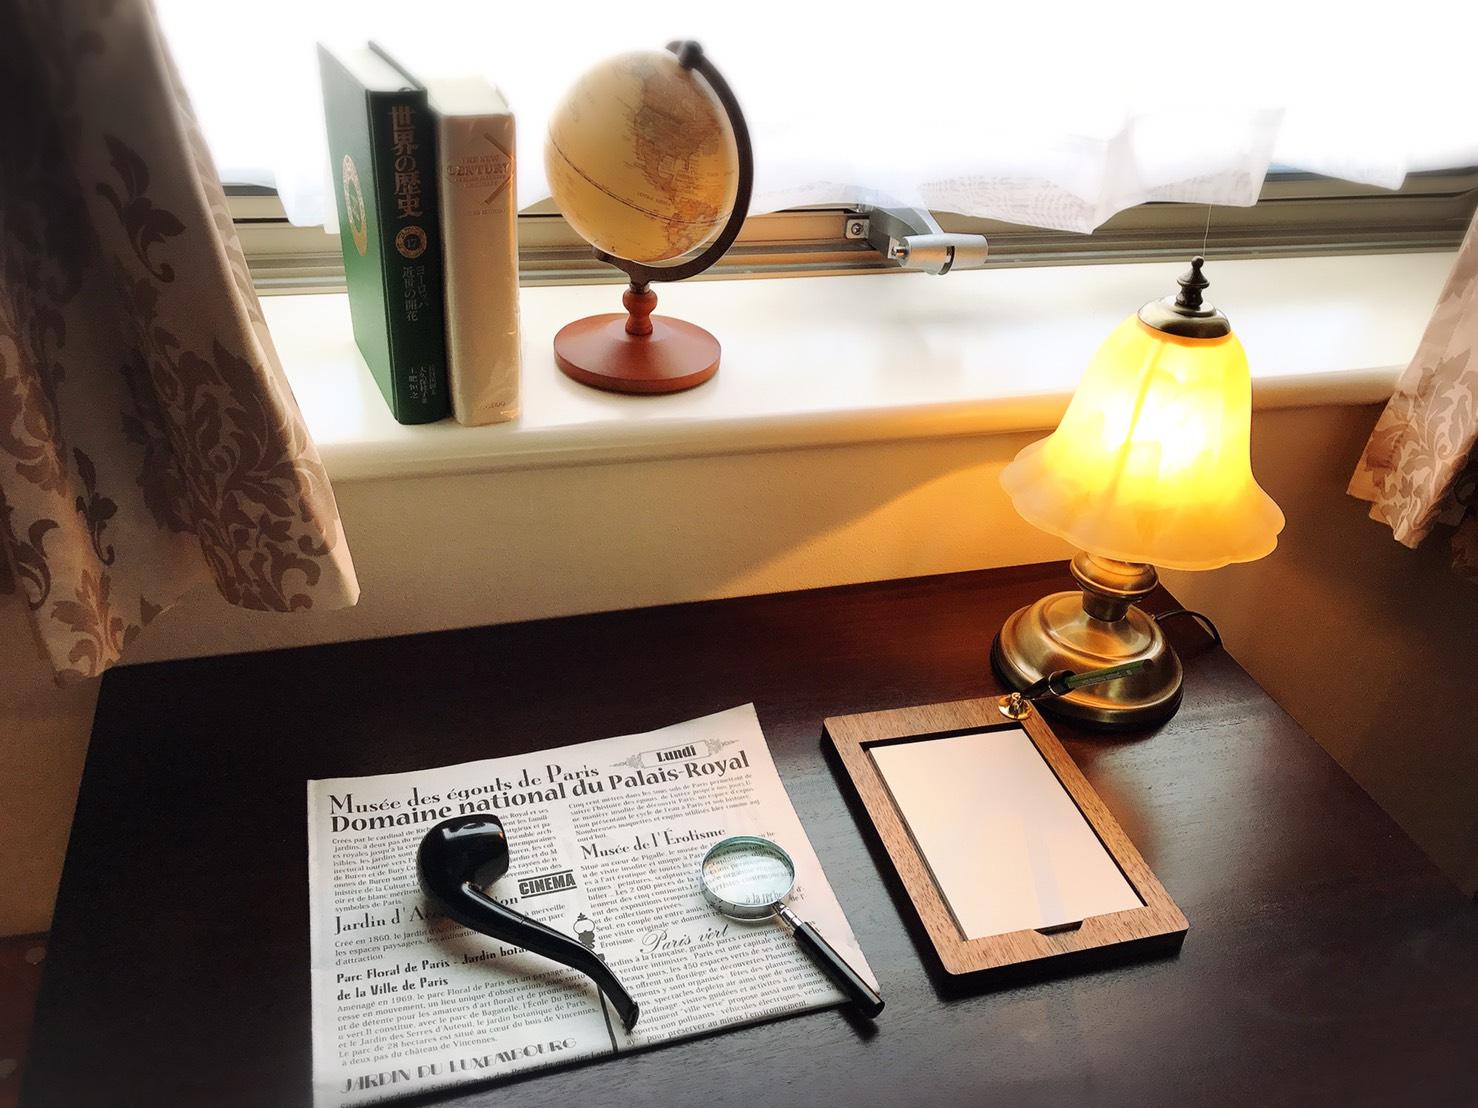 大宮・熊谷 おふろカフェで宿泊型本格ミステリーイベントと宝探しゲーム!ハロウィン限定メニューも登場!